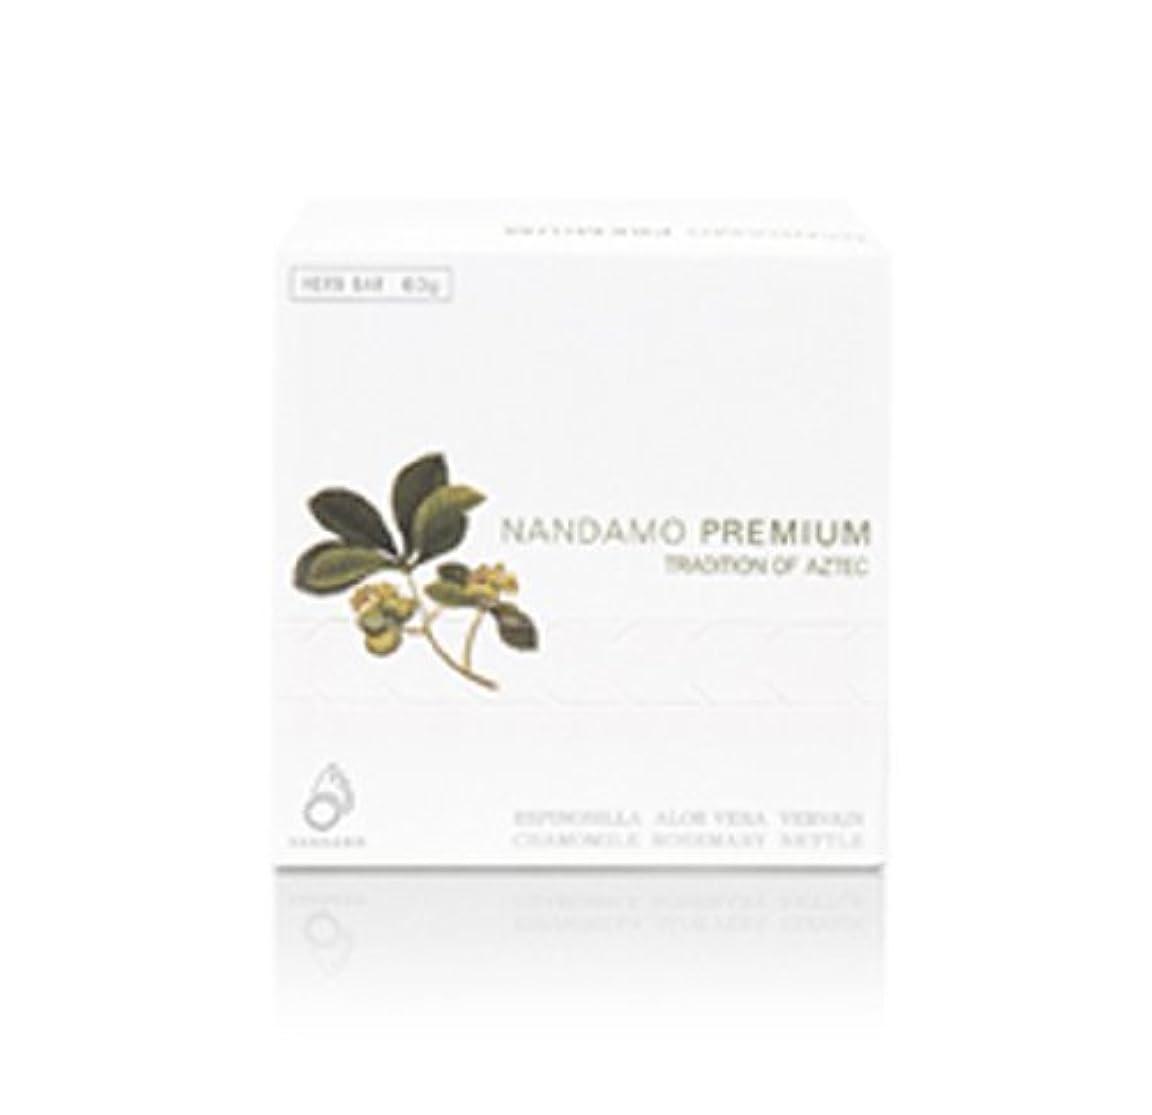 いろいろ世界の窓黒板NANDAMO PREMIUM(ナンダモプレミアム)ナンダモプレミアム60g